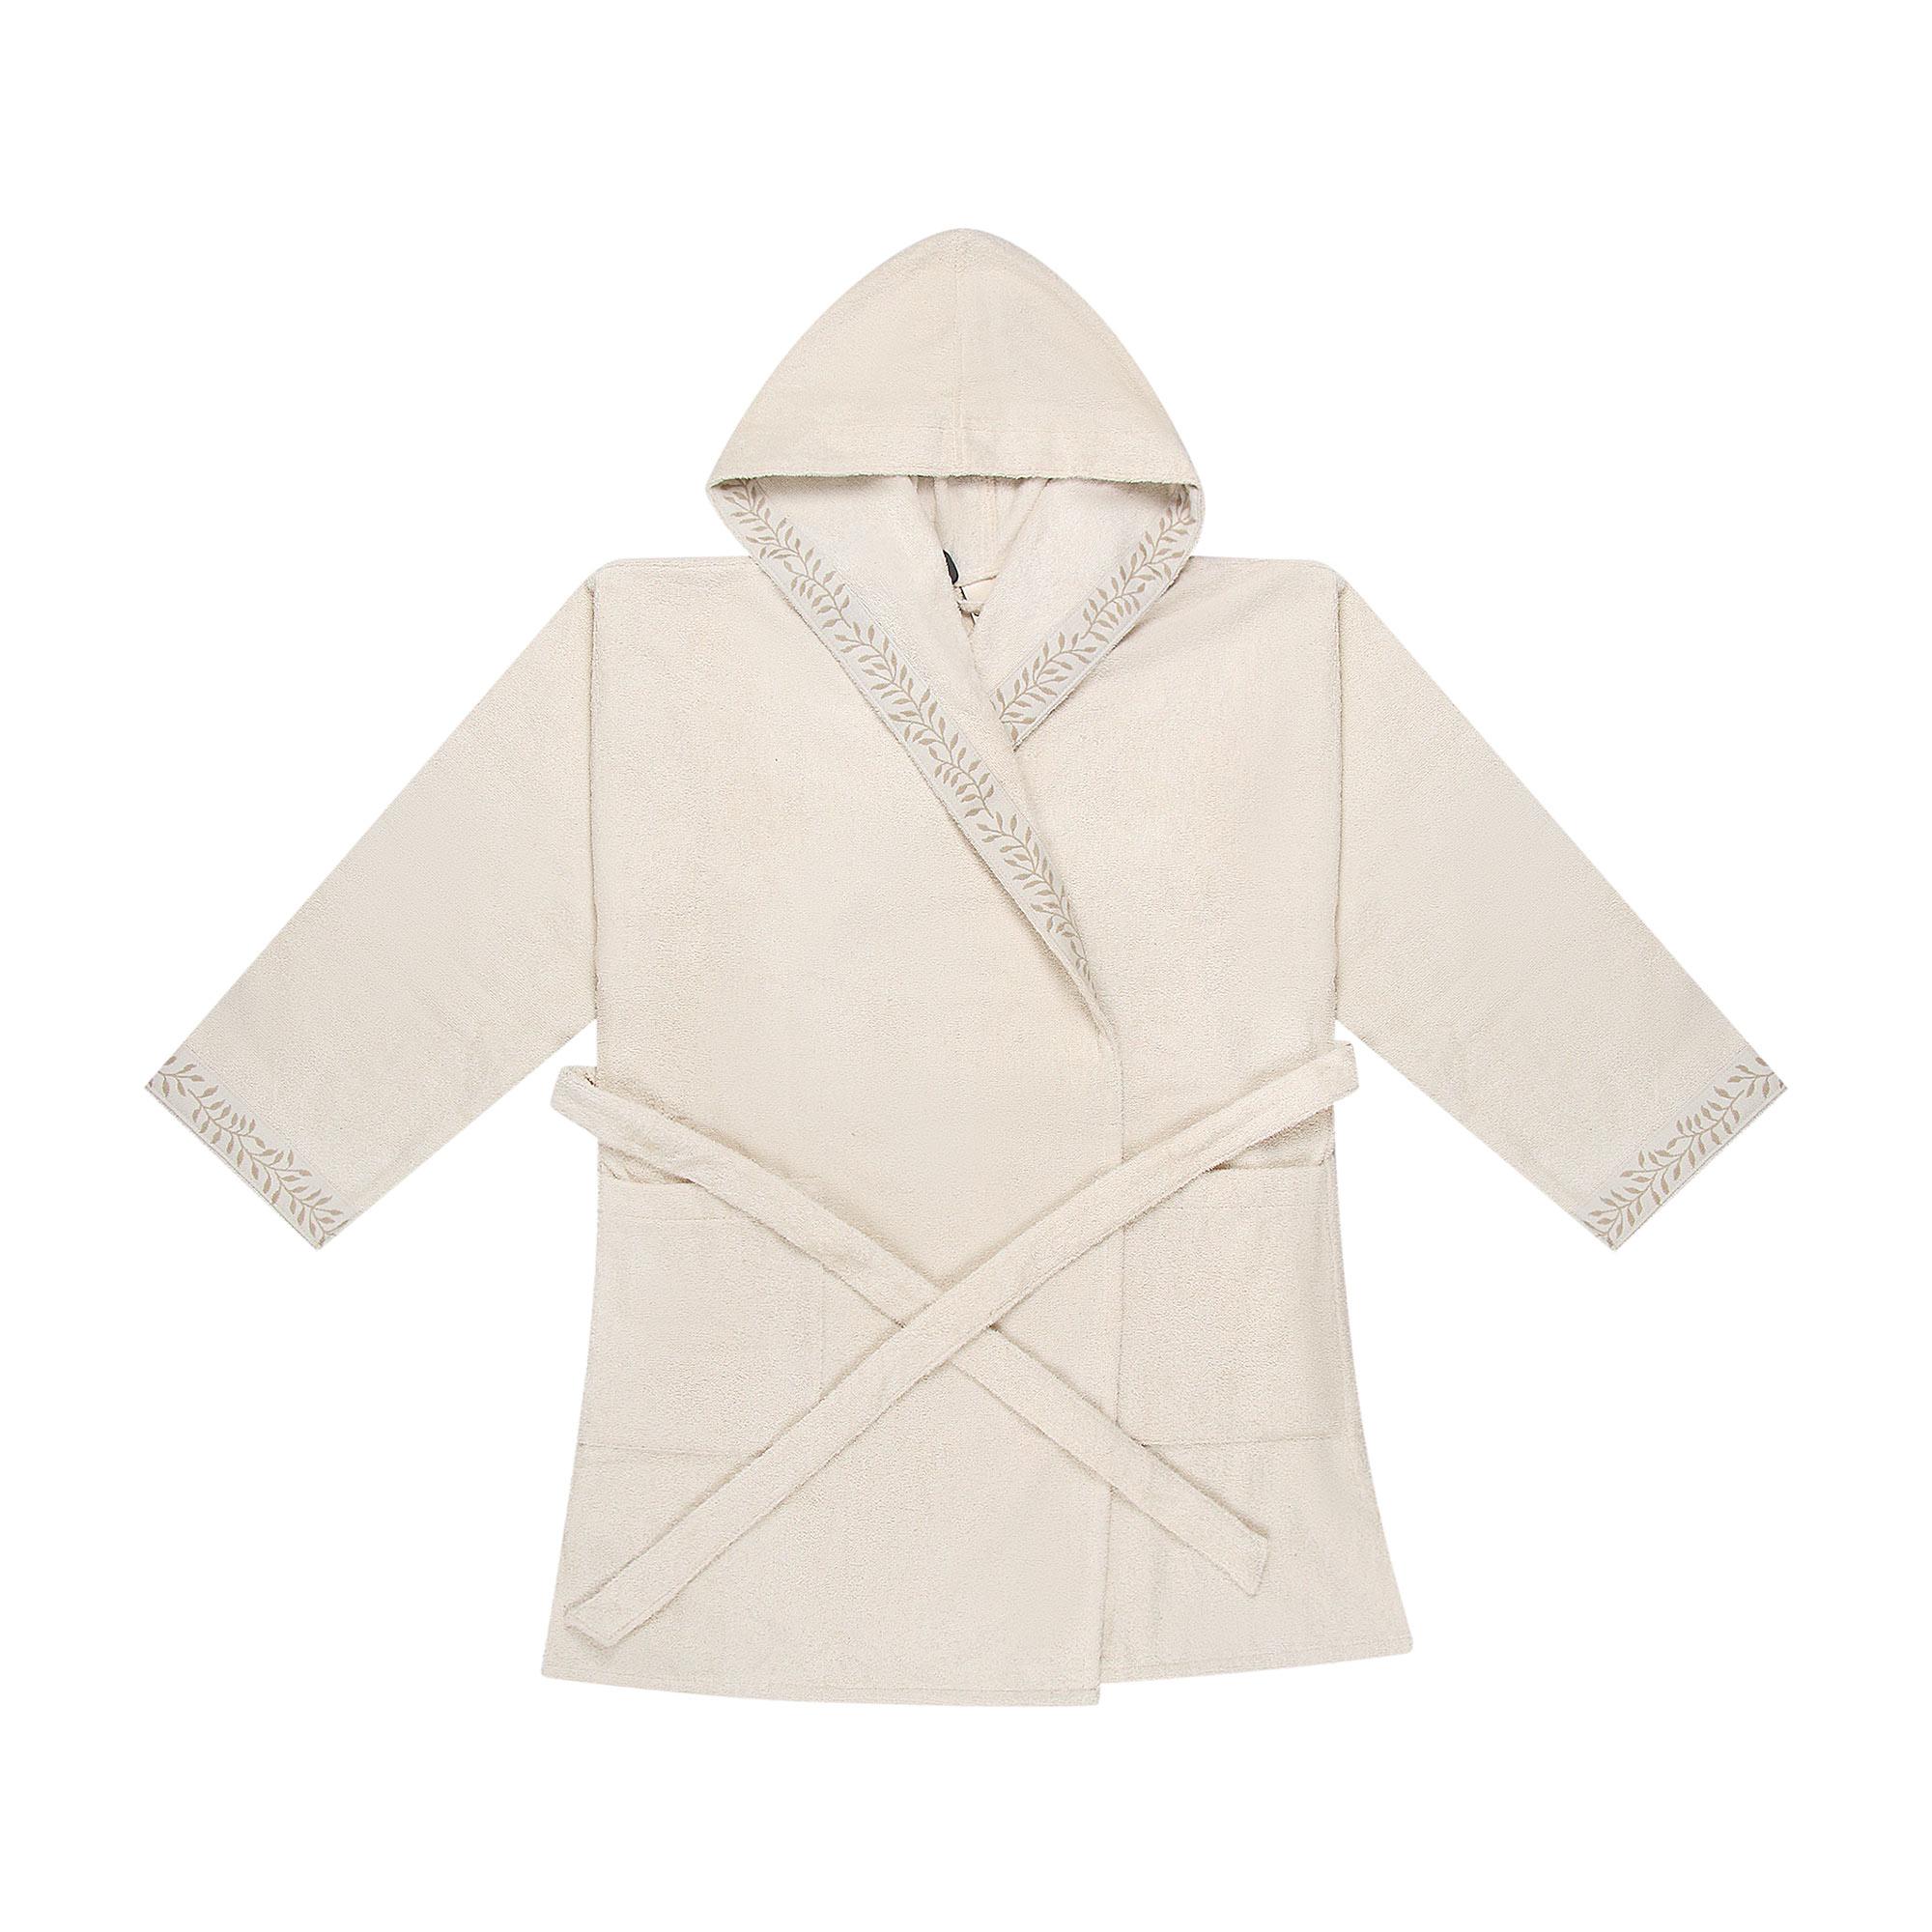 Халат Svilanit женский махровый xl короткий с капюшоном халат женский svilanit l